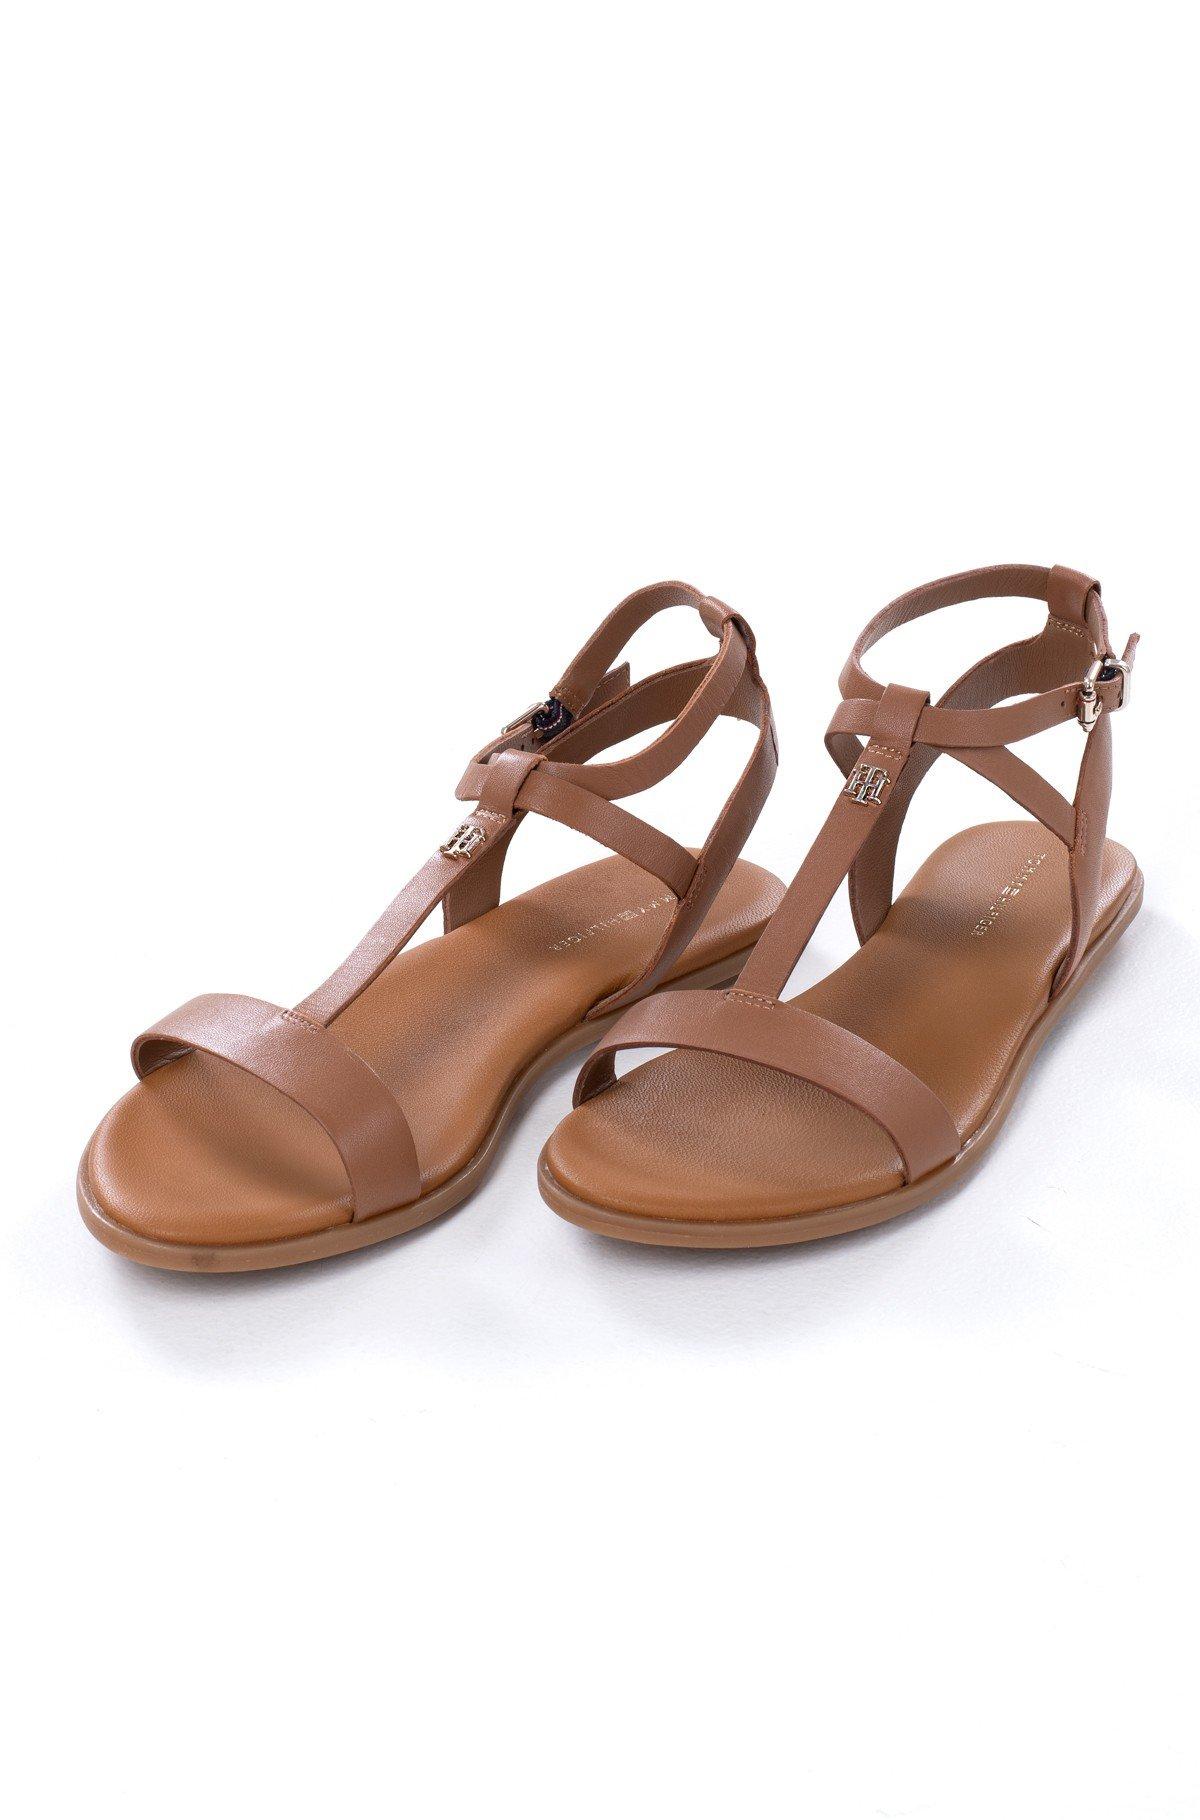 Sandals FEMININE LEATHER FLAT SANDAL-full-1